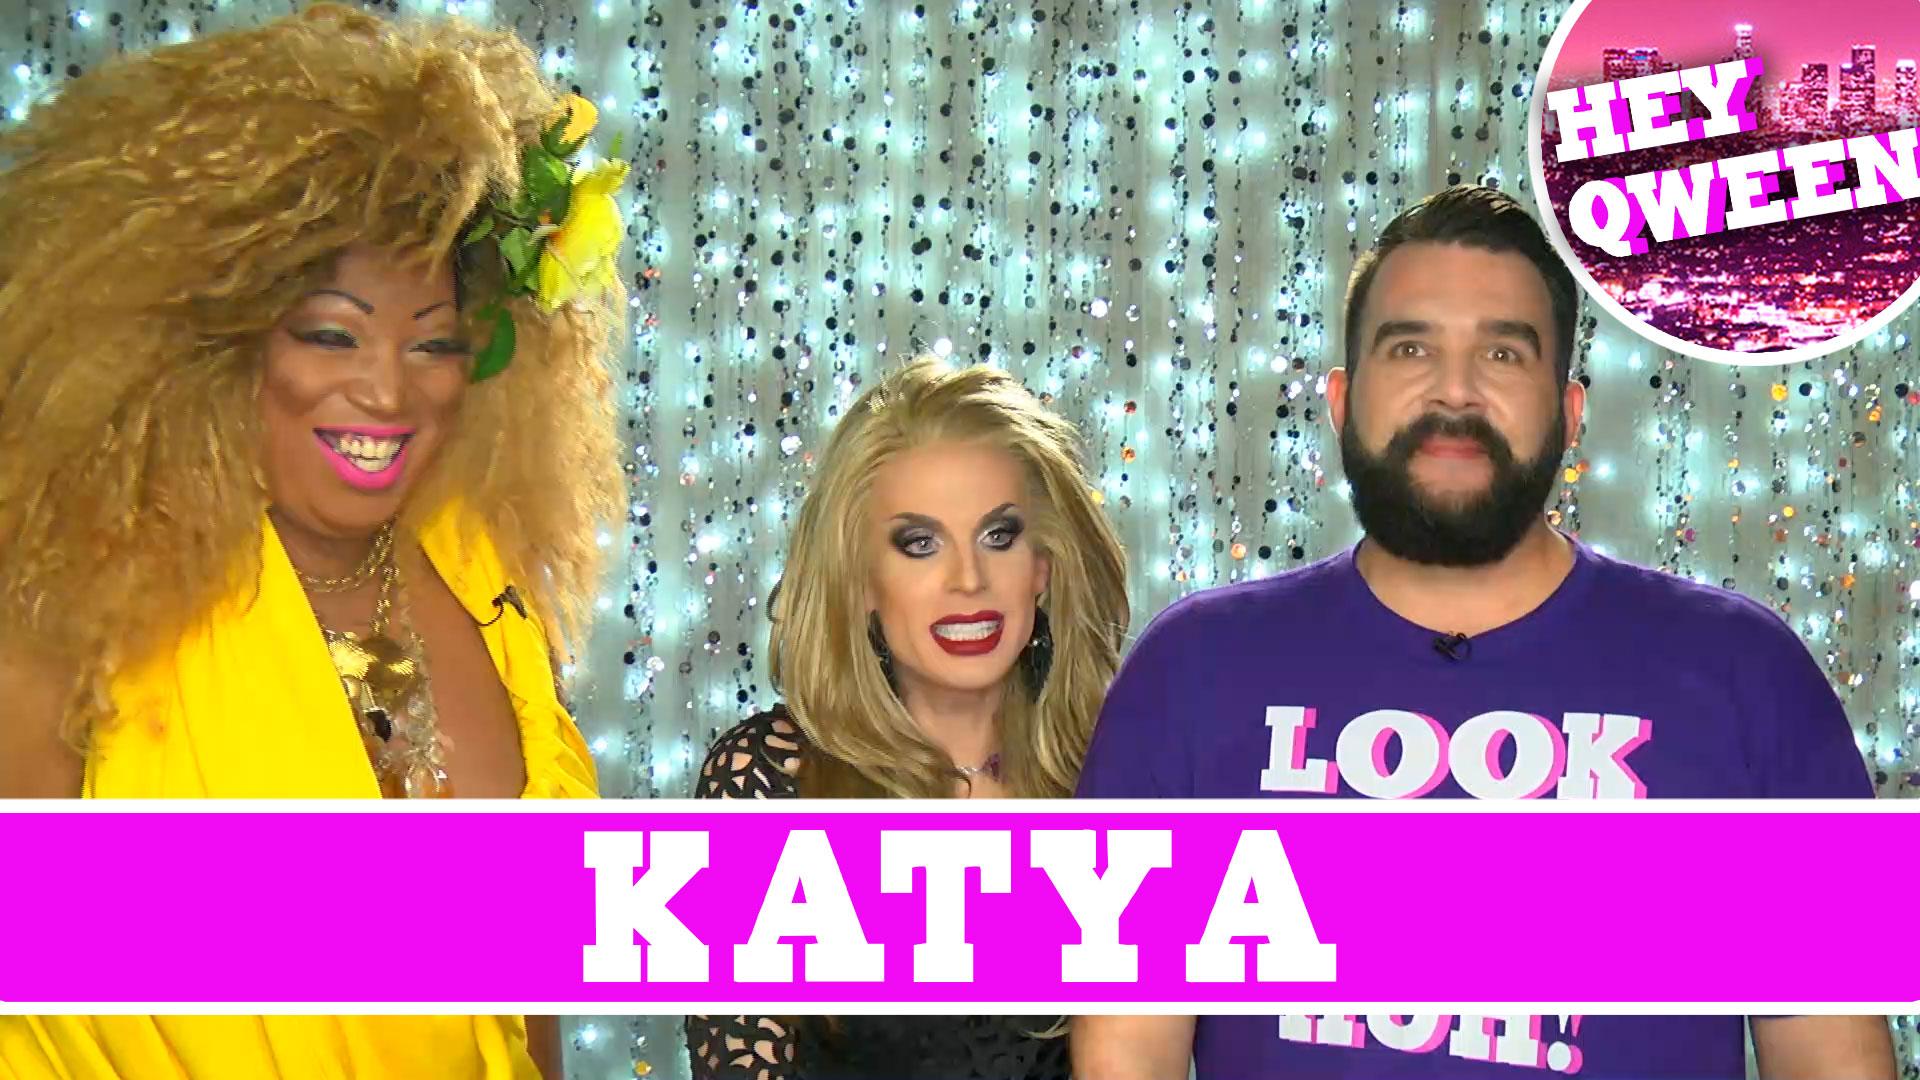 Katya on Hey Qween with Jonny McGovern: PROMO!